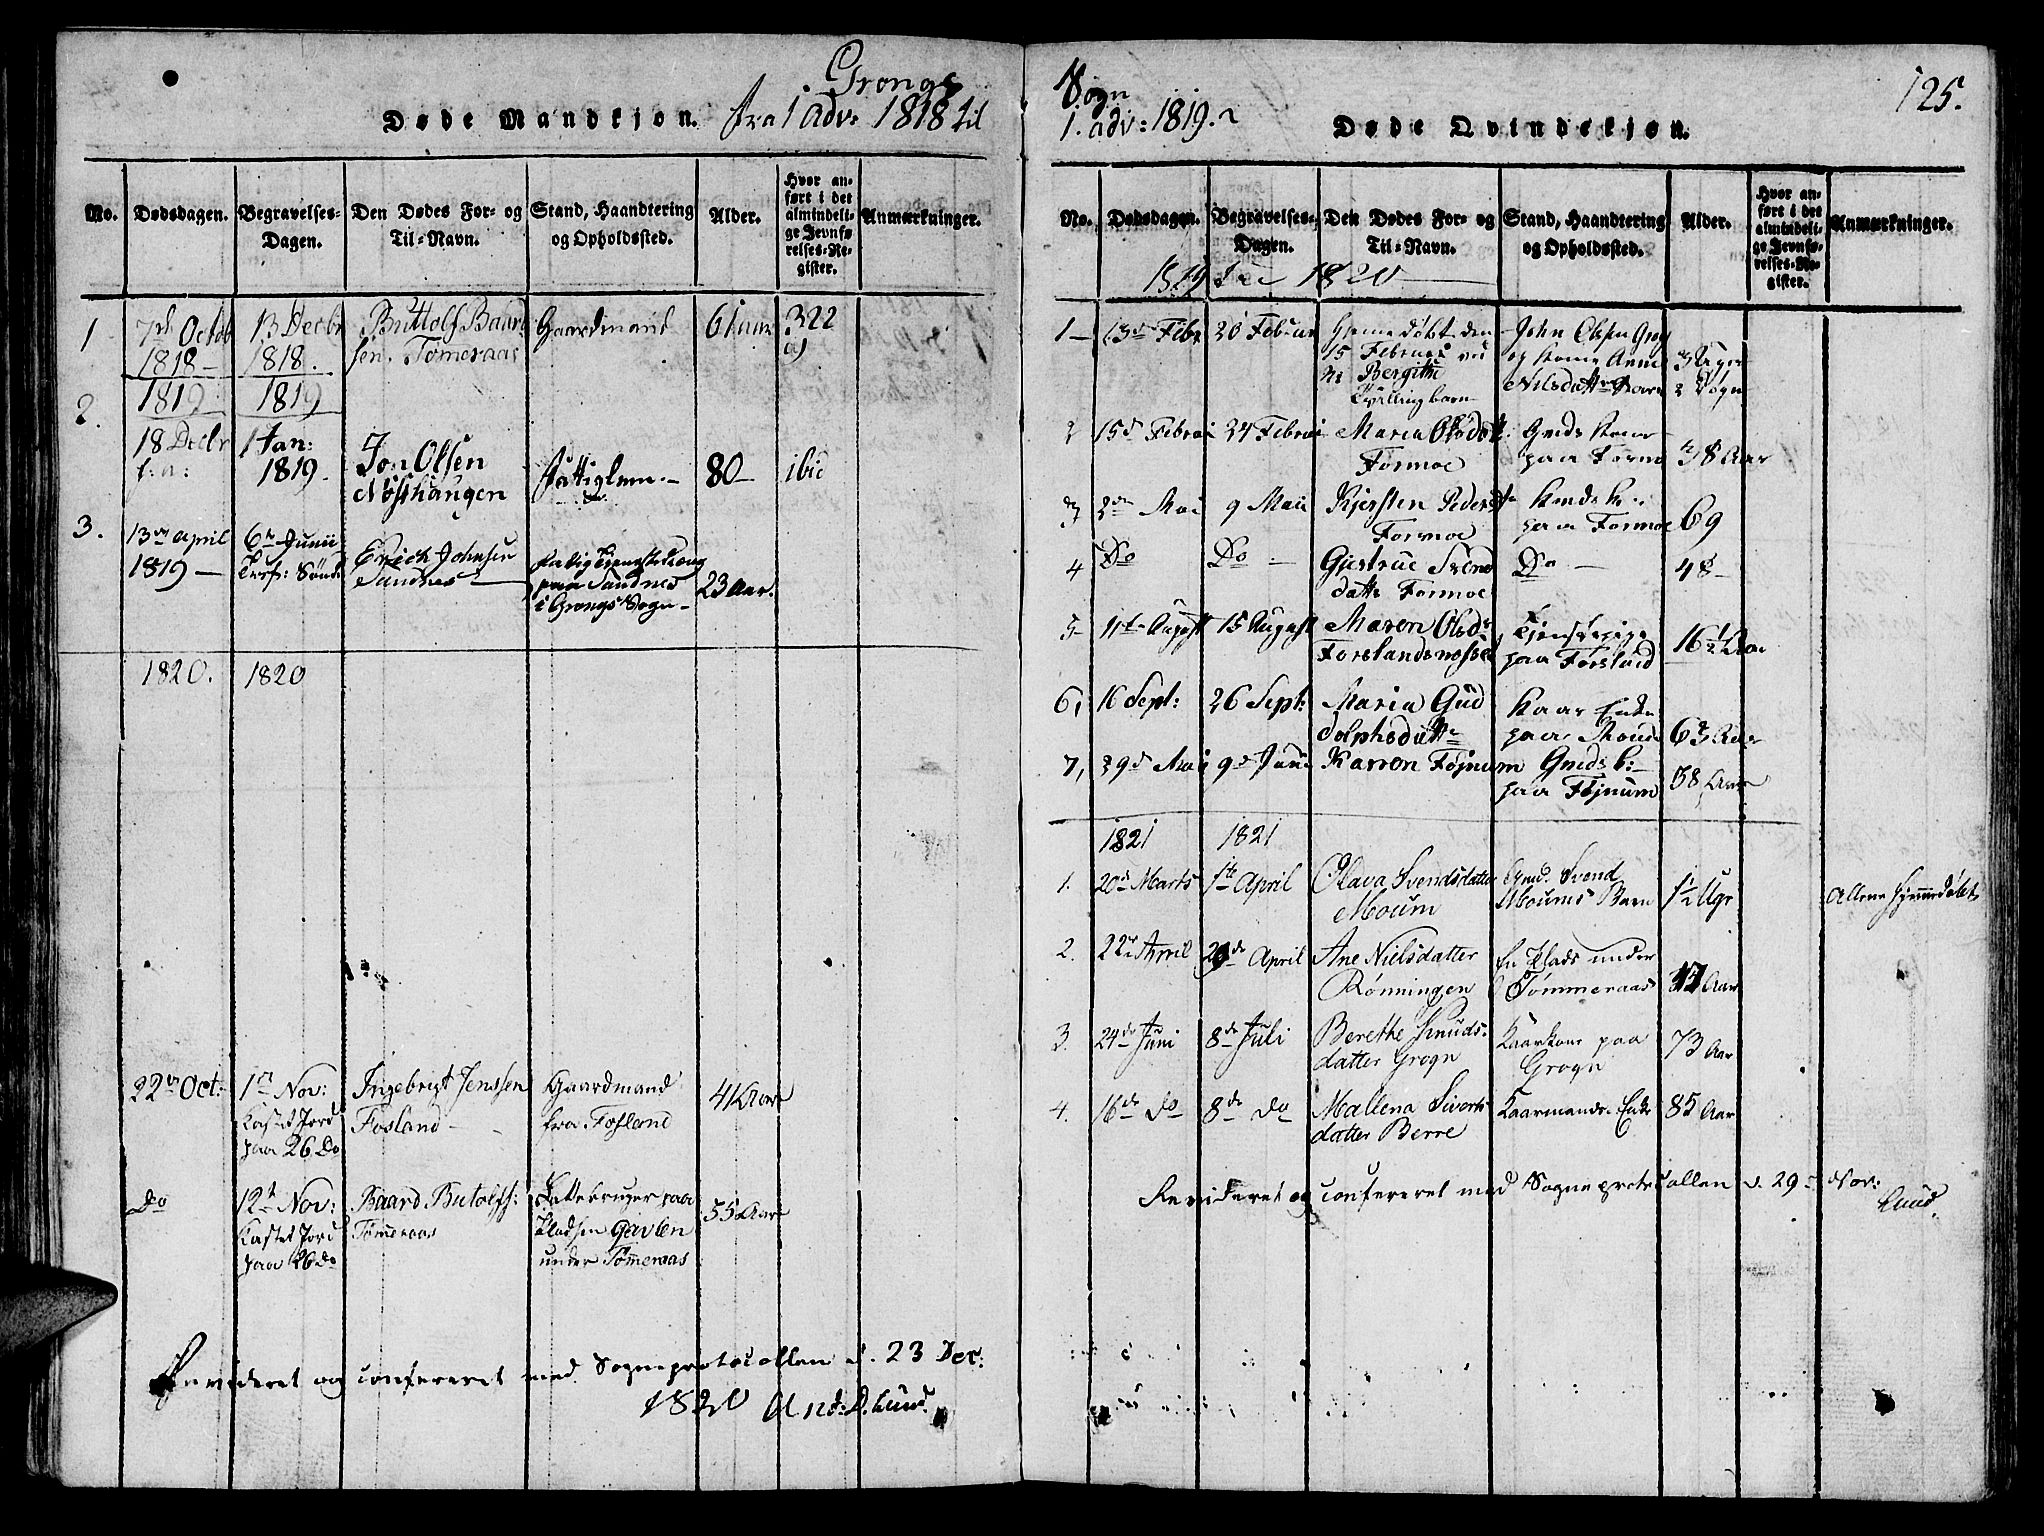 SAT, Ministerialprotokoller, klokkerbøker og fødselsregistre - Nord-Trøndelag, 764/L0546: Ministerialbok nr. 764A06 /2, 1817-1822, s. 125